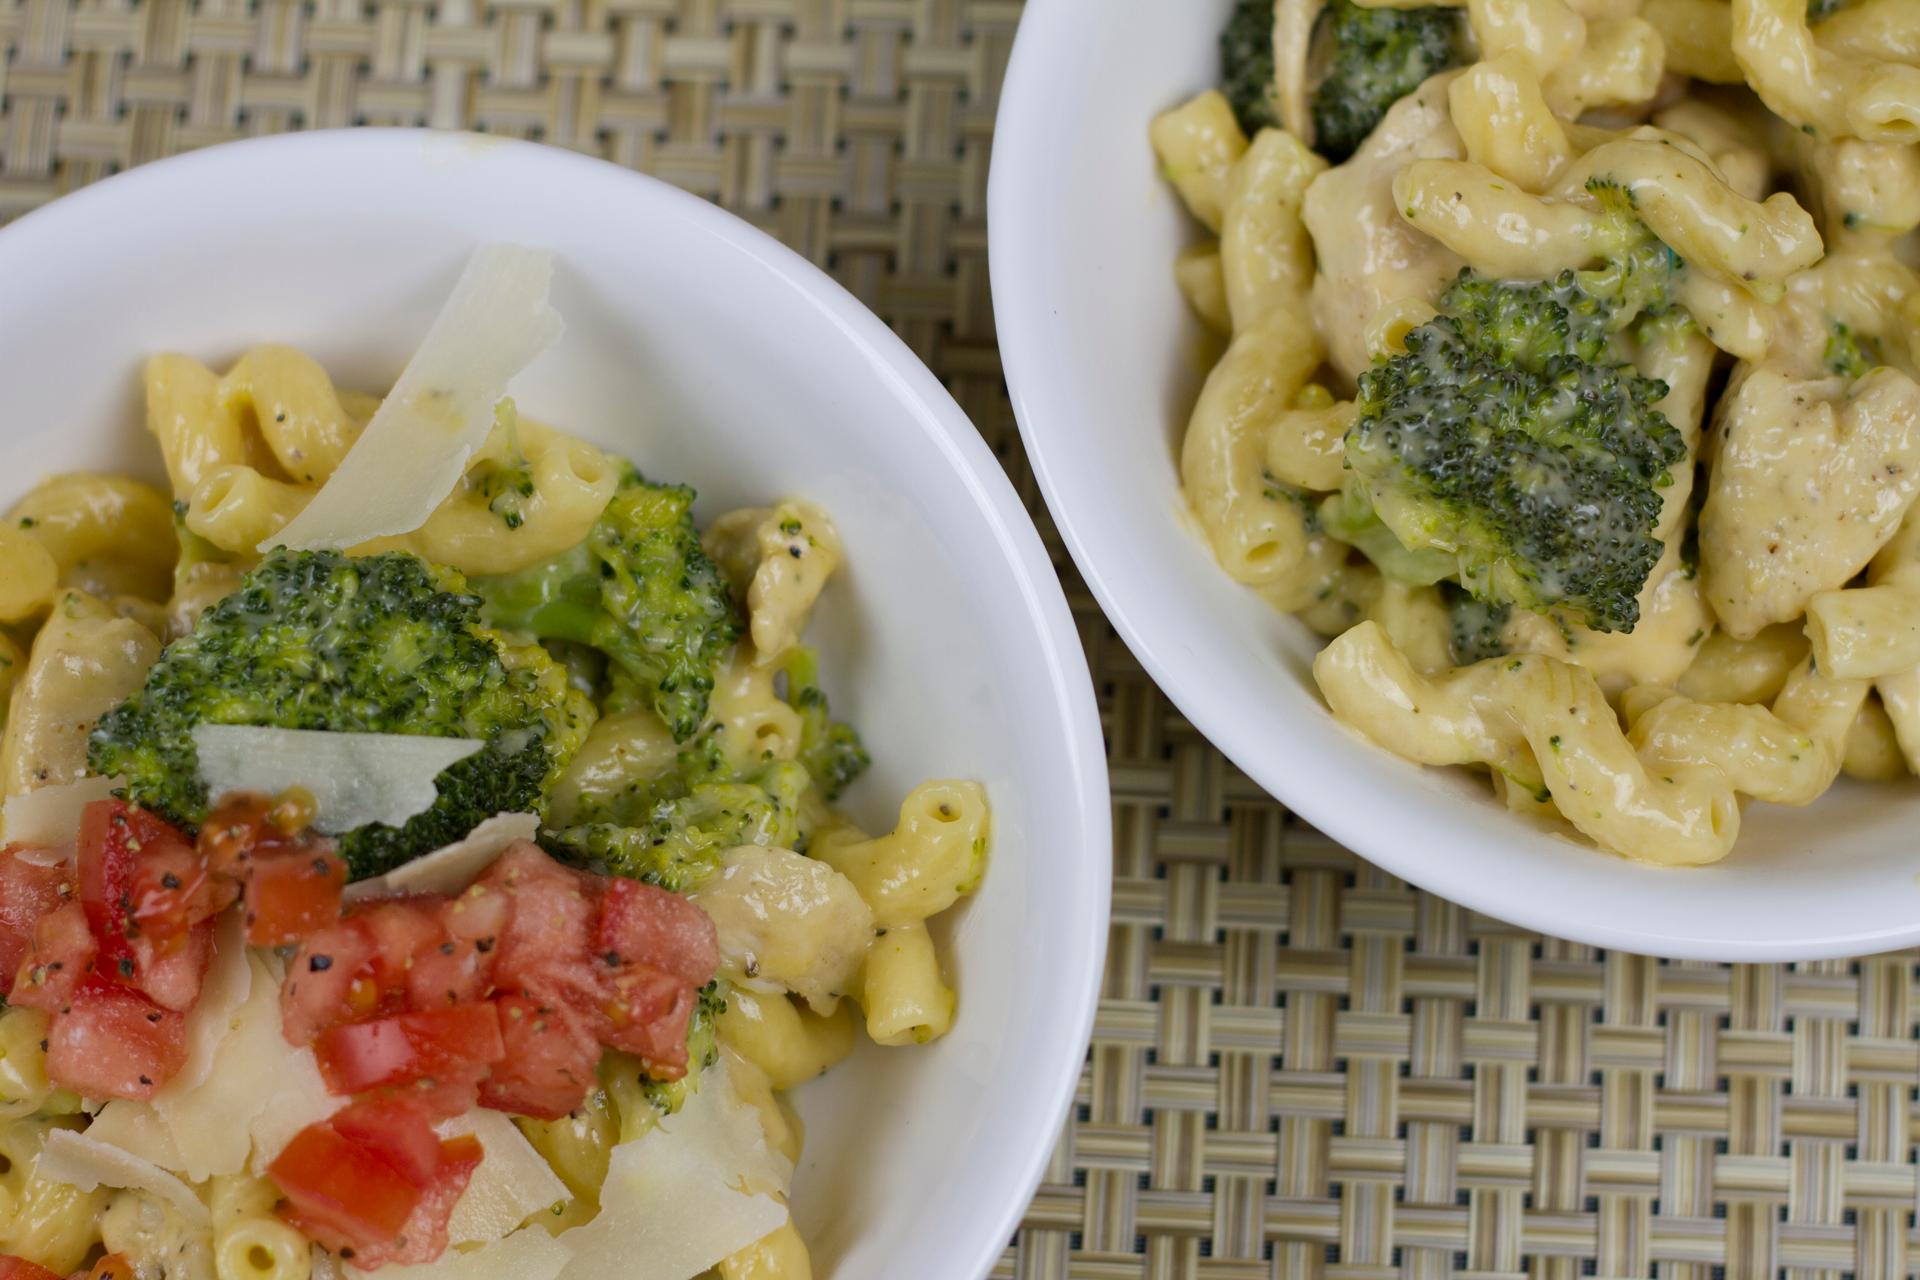 One-Pot cheesy chicken broccoli pasta